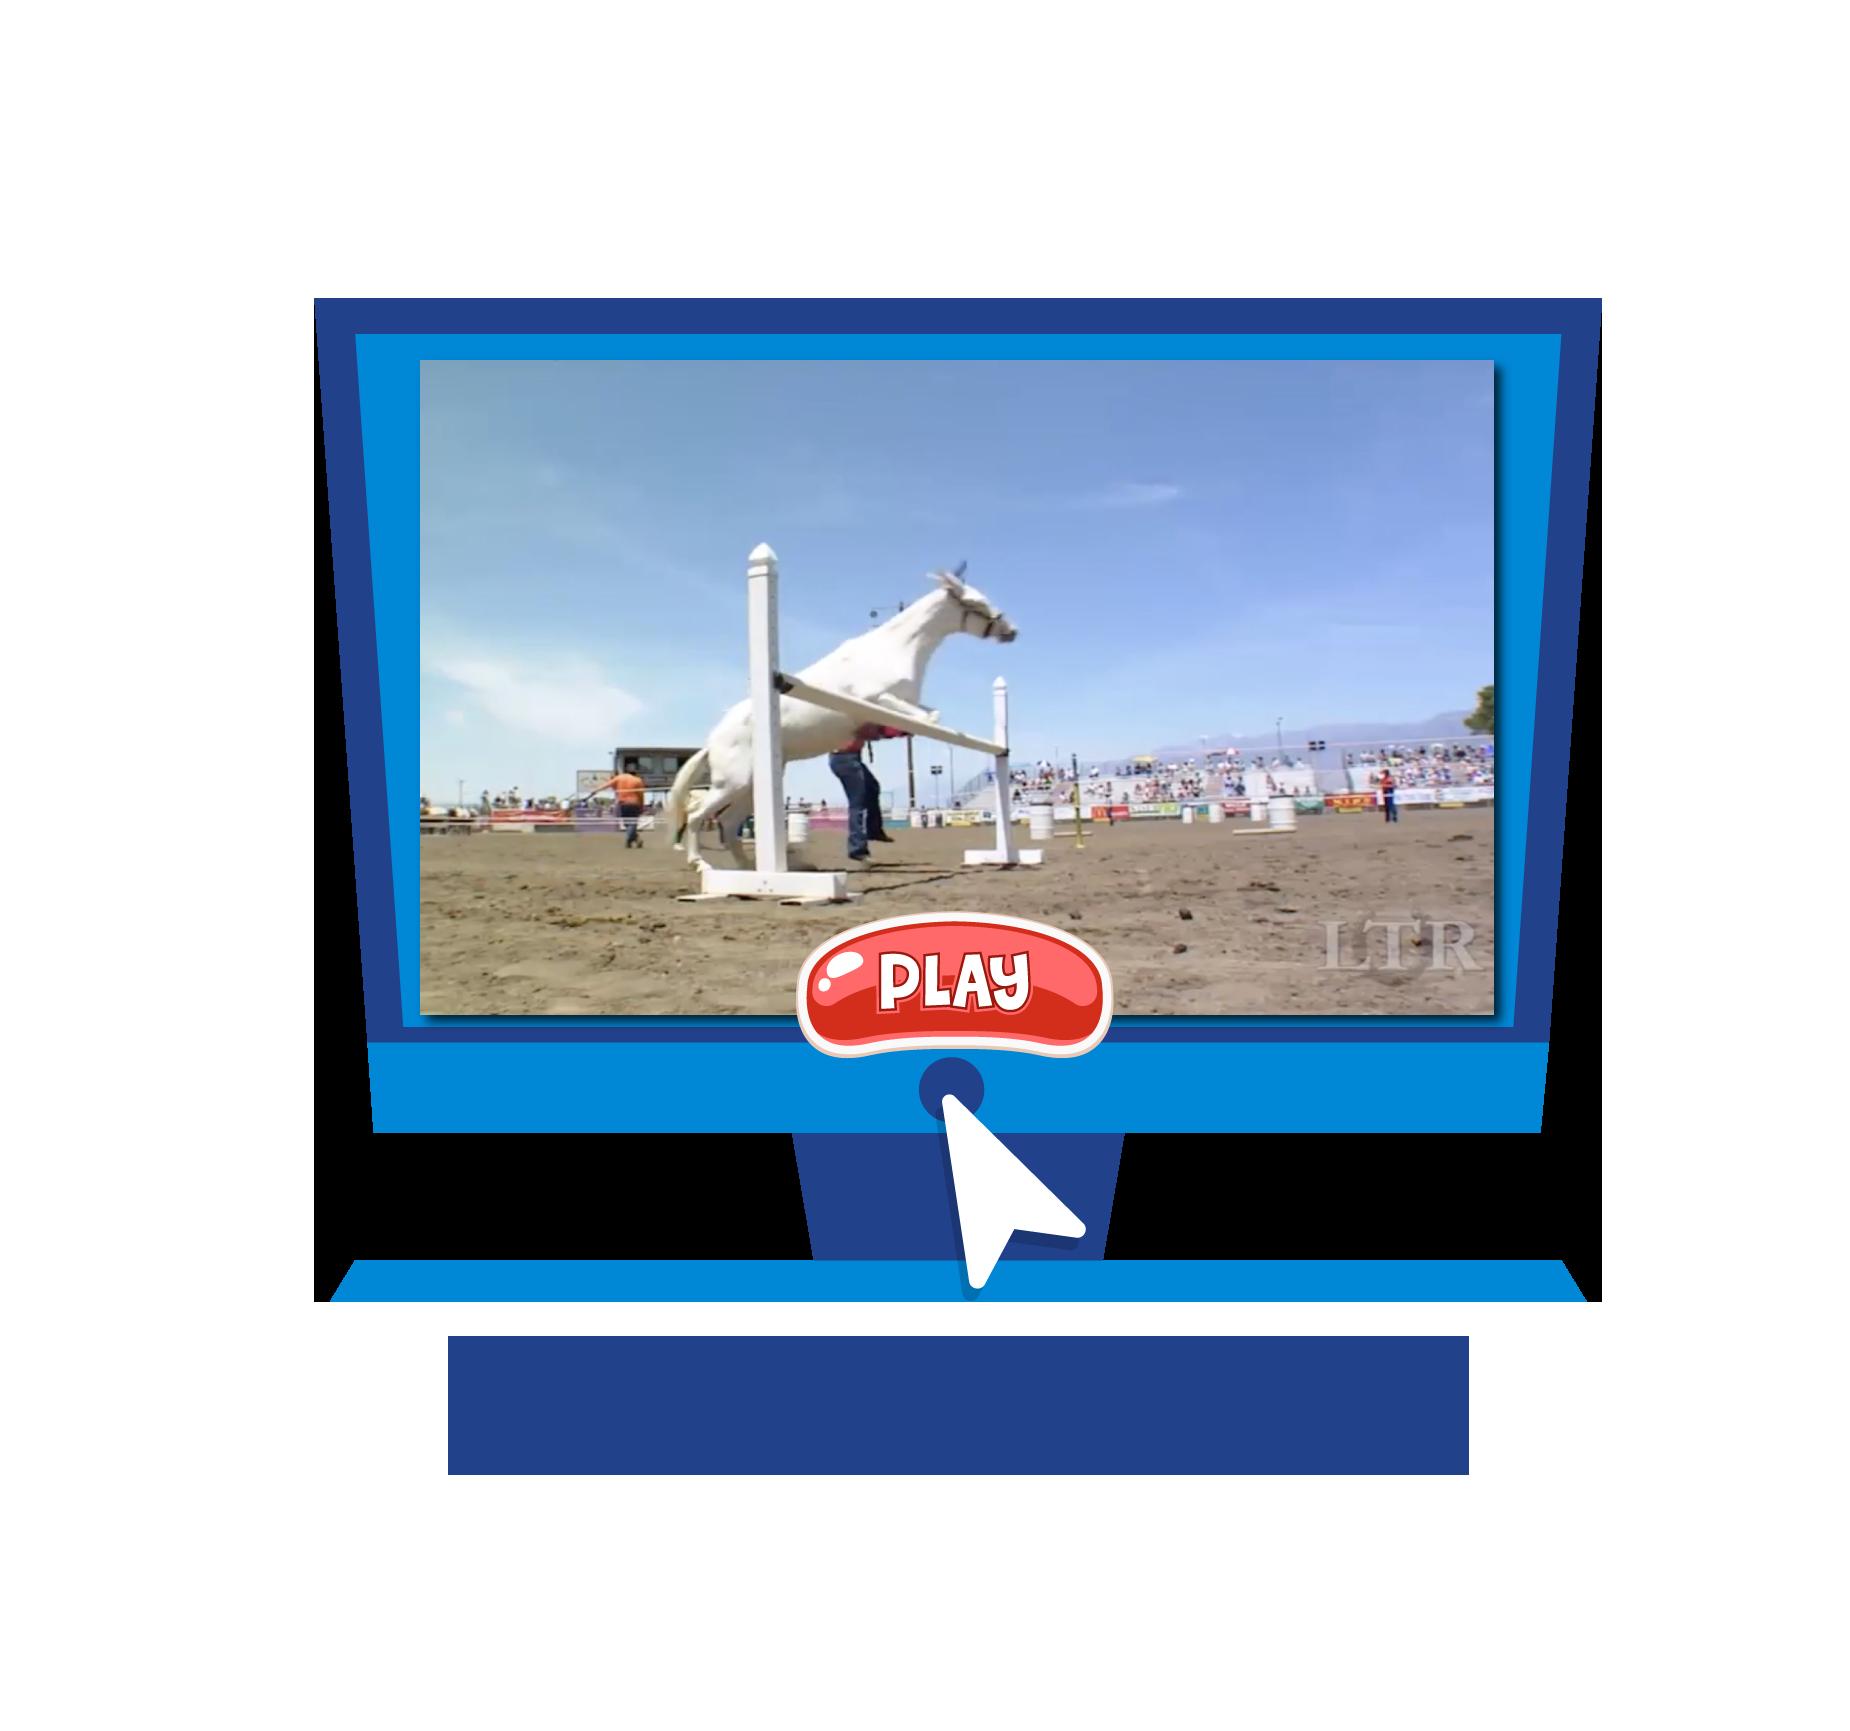 UpUpandAway